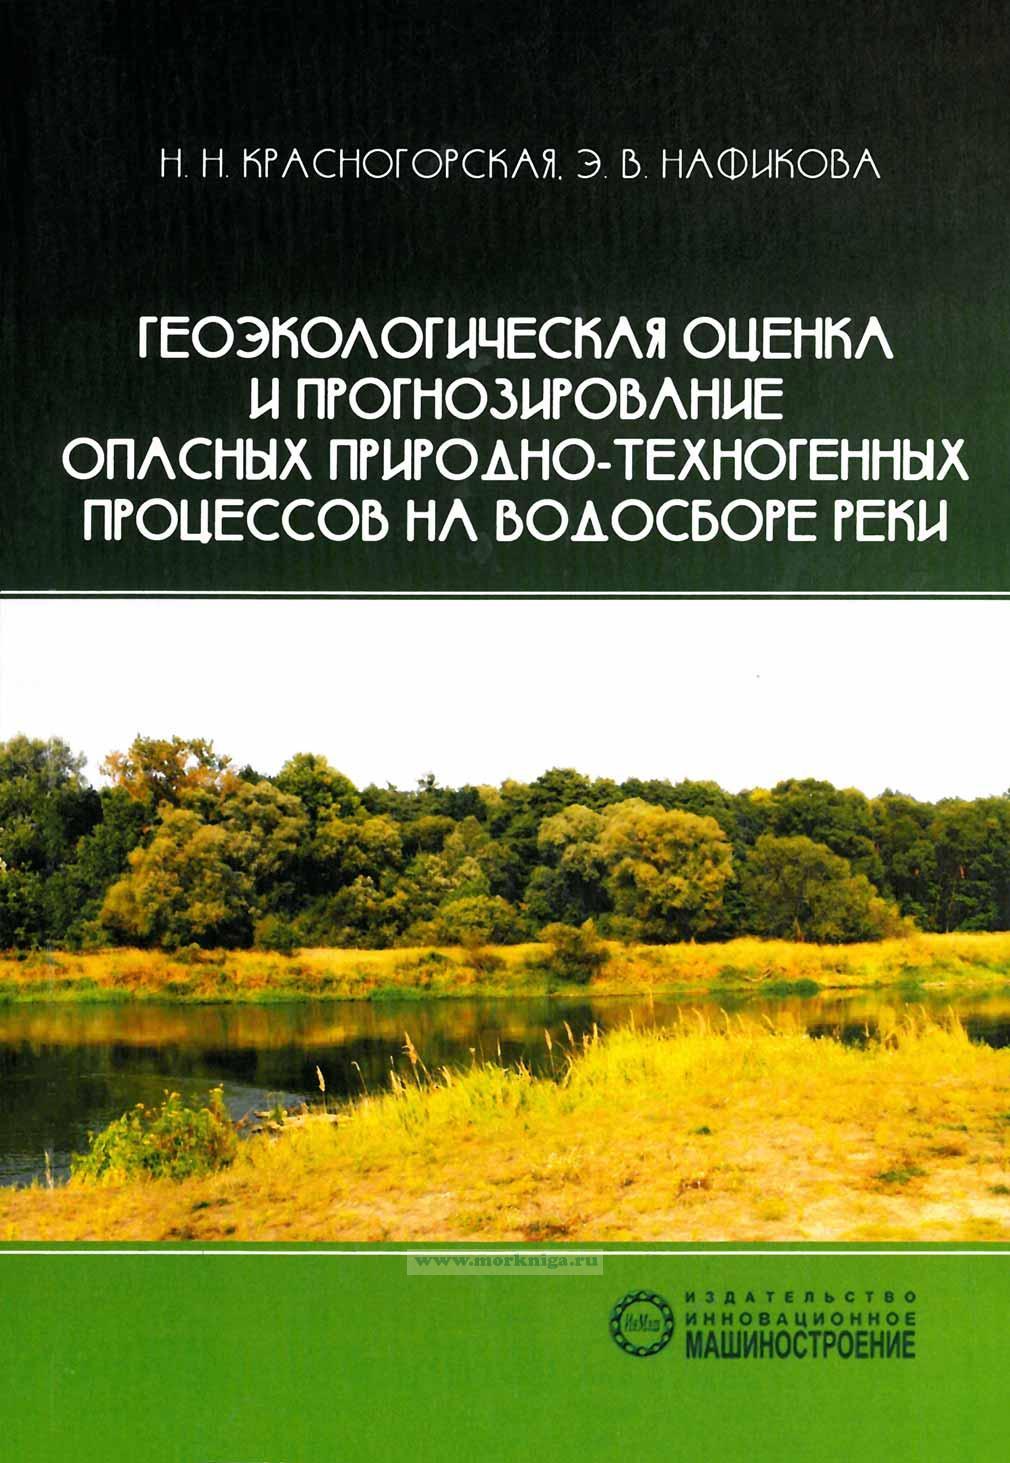 Геоэкологическая оценка и прогнозирование опасных природно-техногенных процессов на водосборе реки